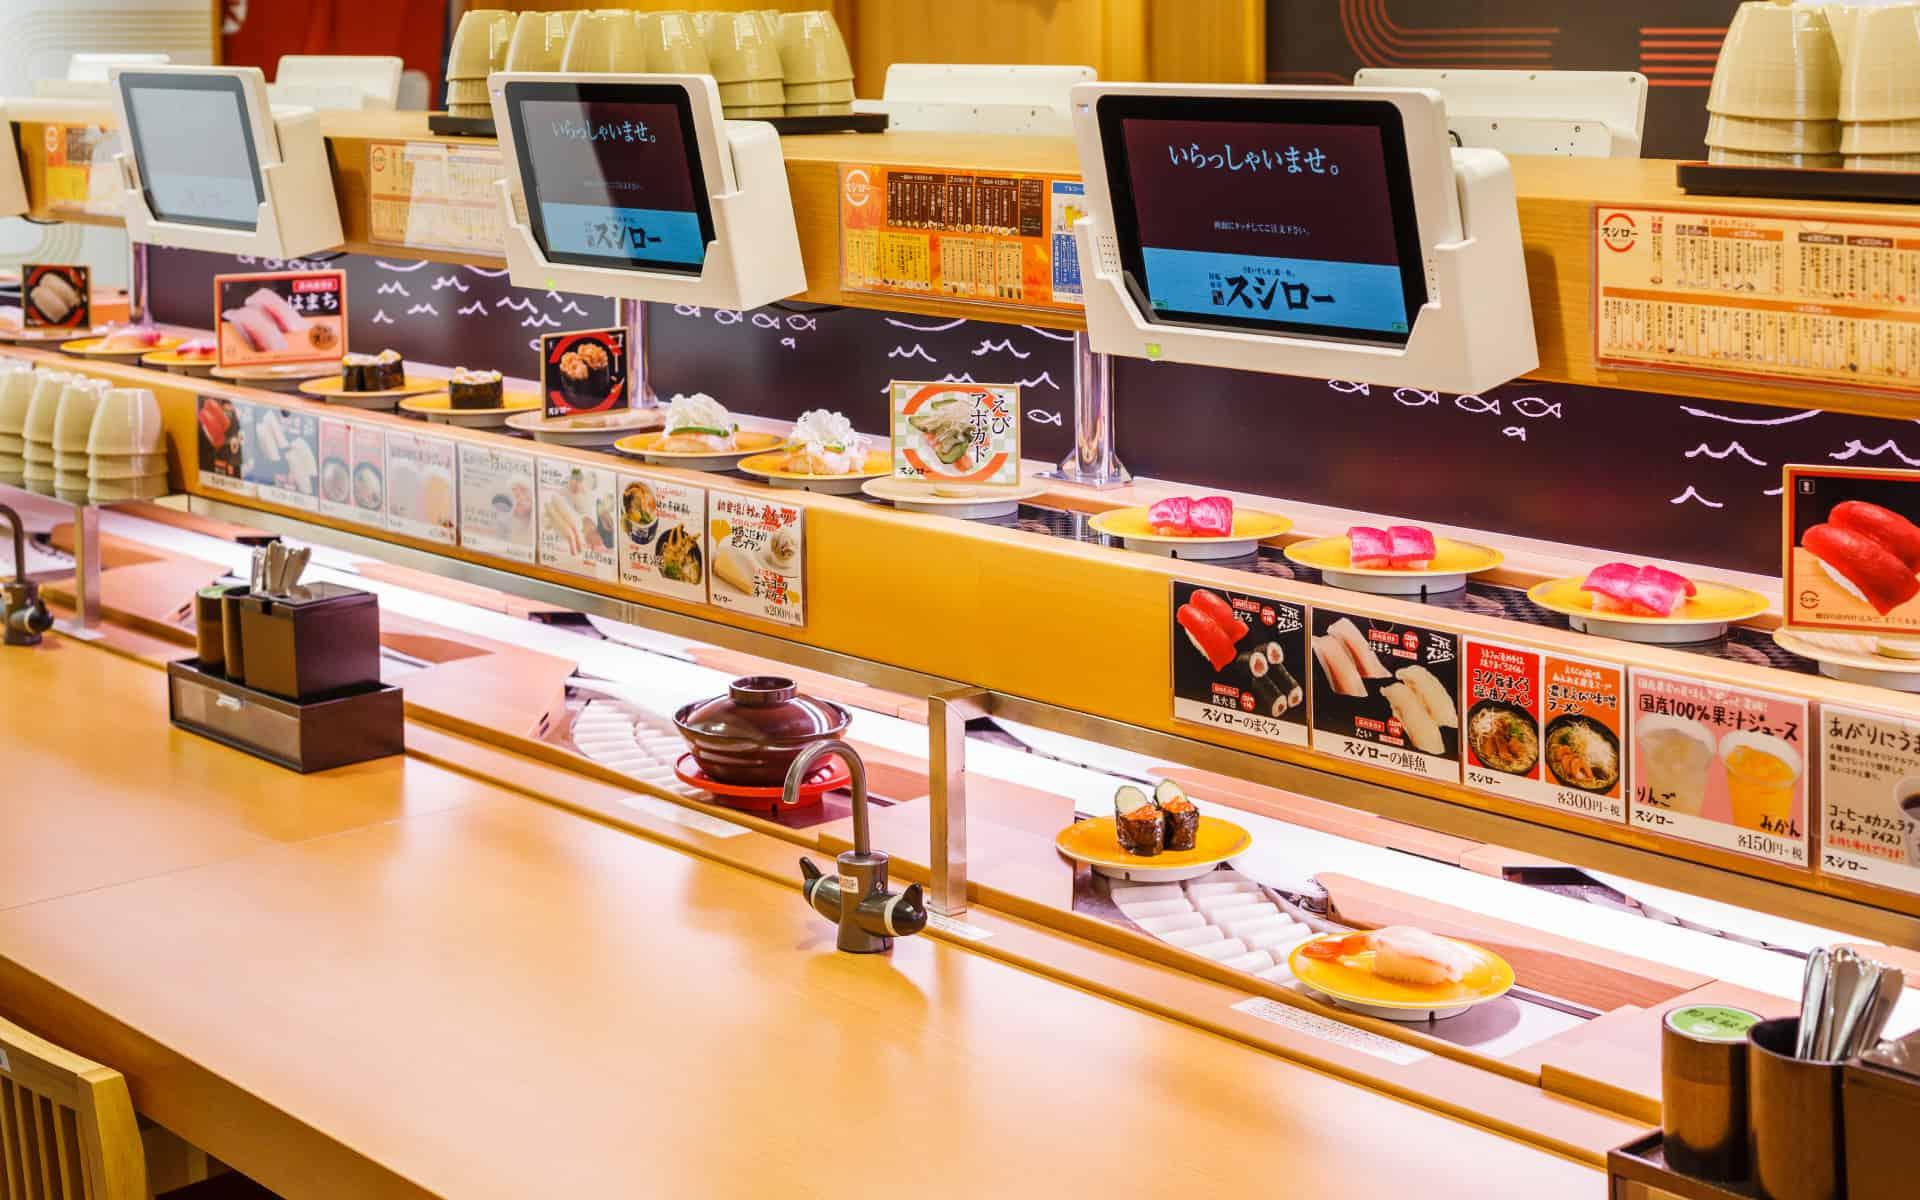 ซูชิโร่ (Sushiro) เป็นแบรนด์ ซูชิสายพาน ที่ครองใจคนญี่ปุ่นมาแล้วถึง 547 สาขาทั่วประเทศ